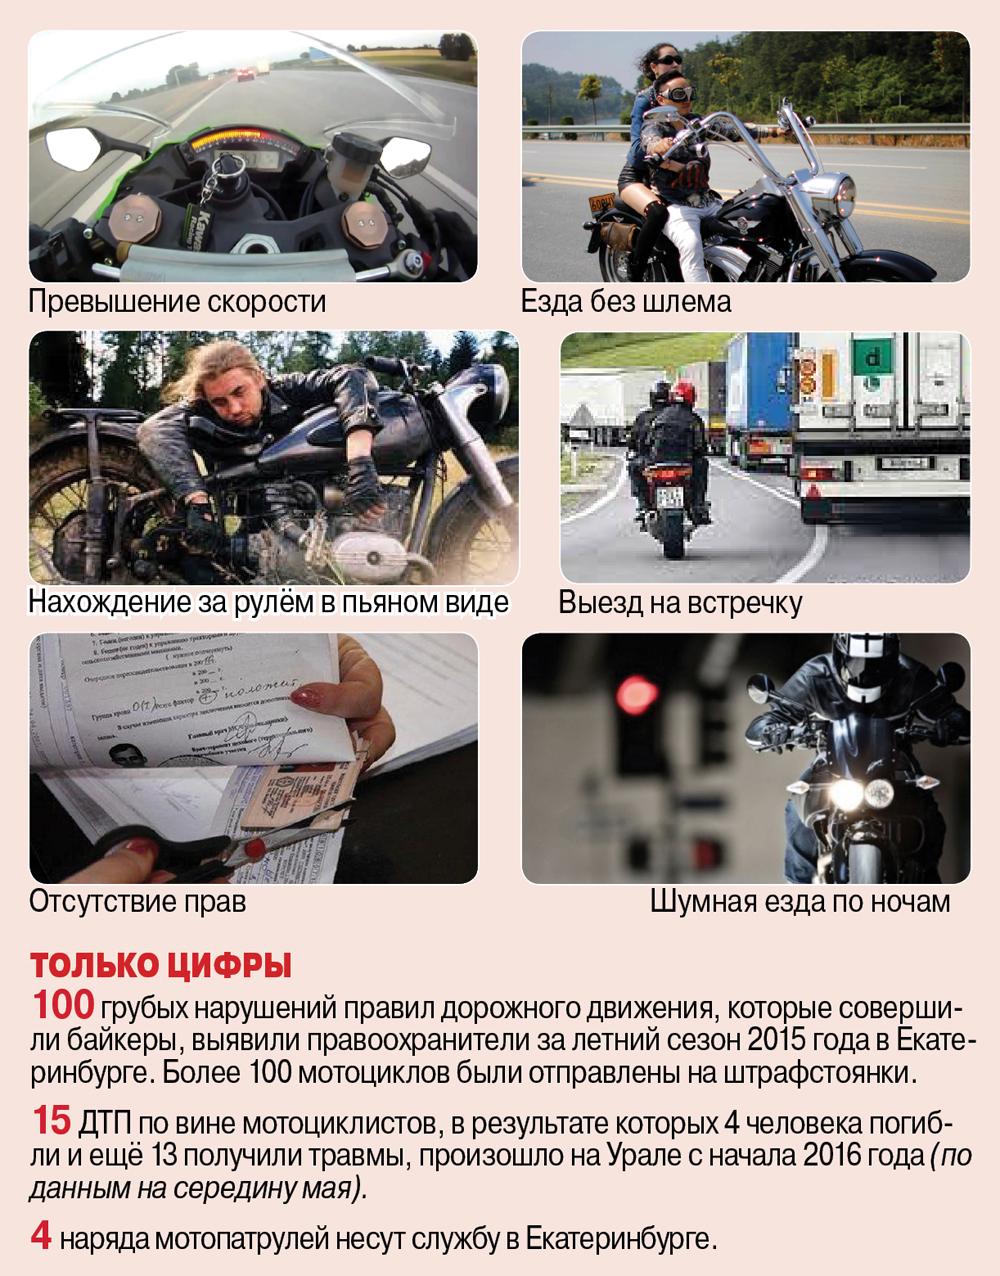 Нарушения уральских мотоциклистов.